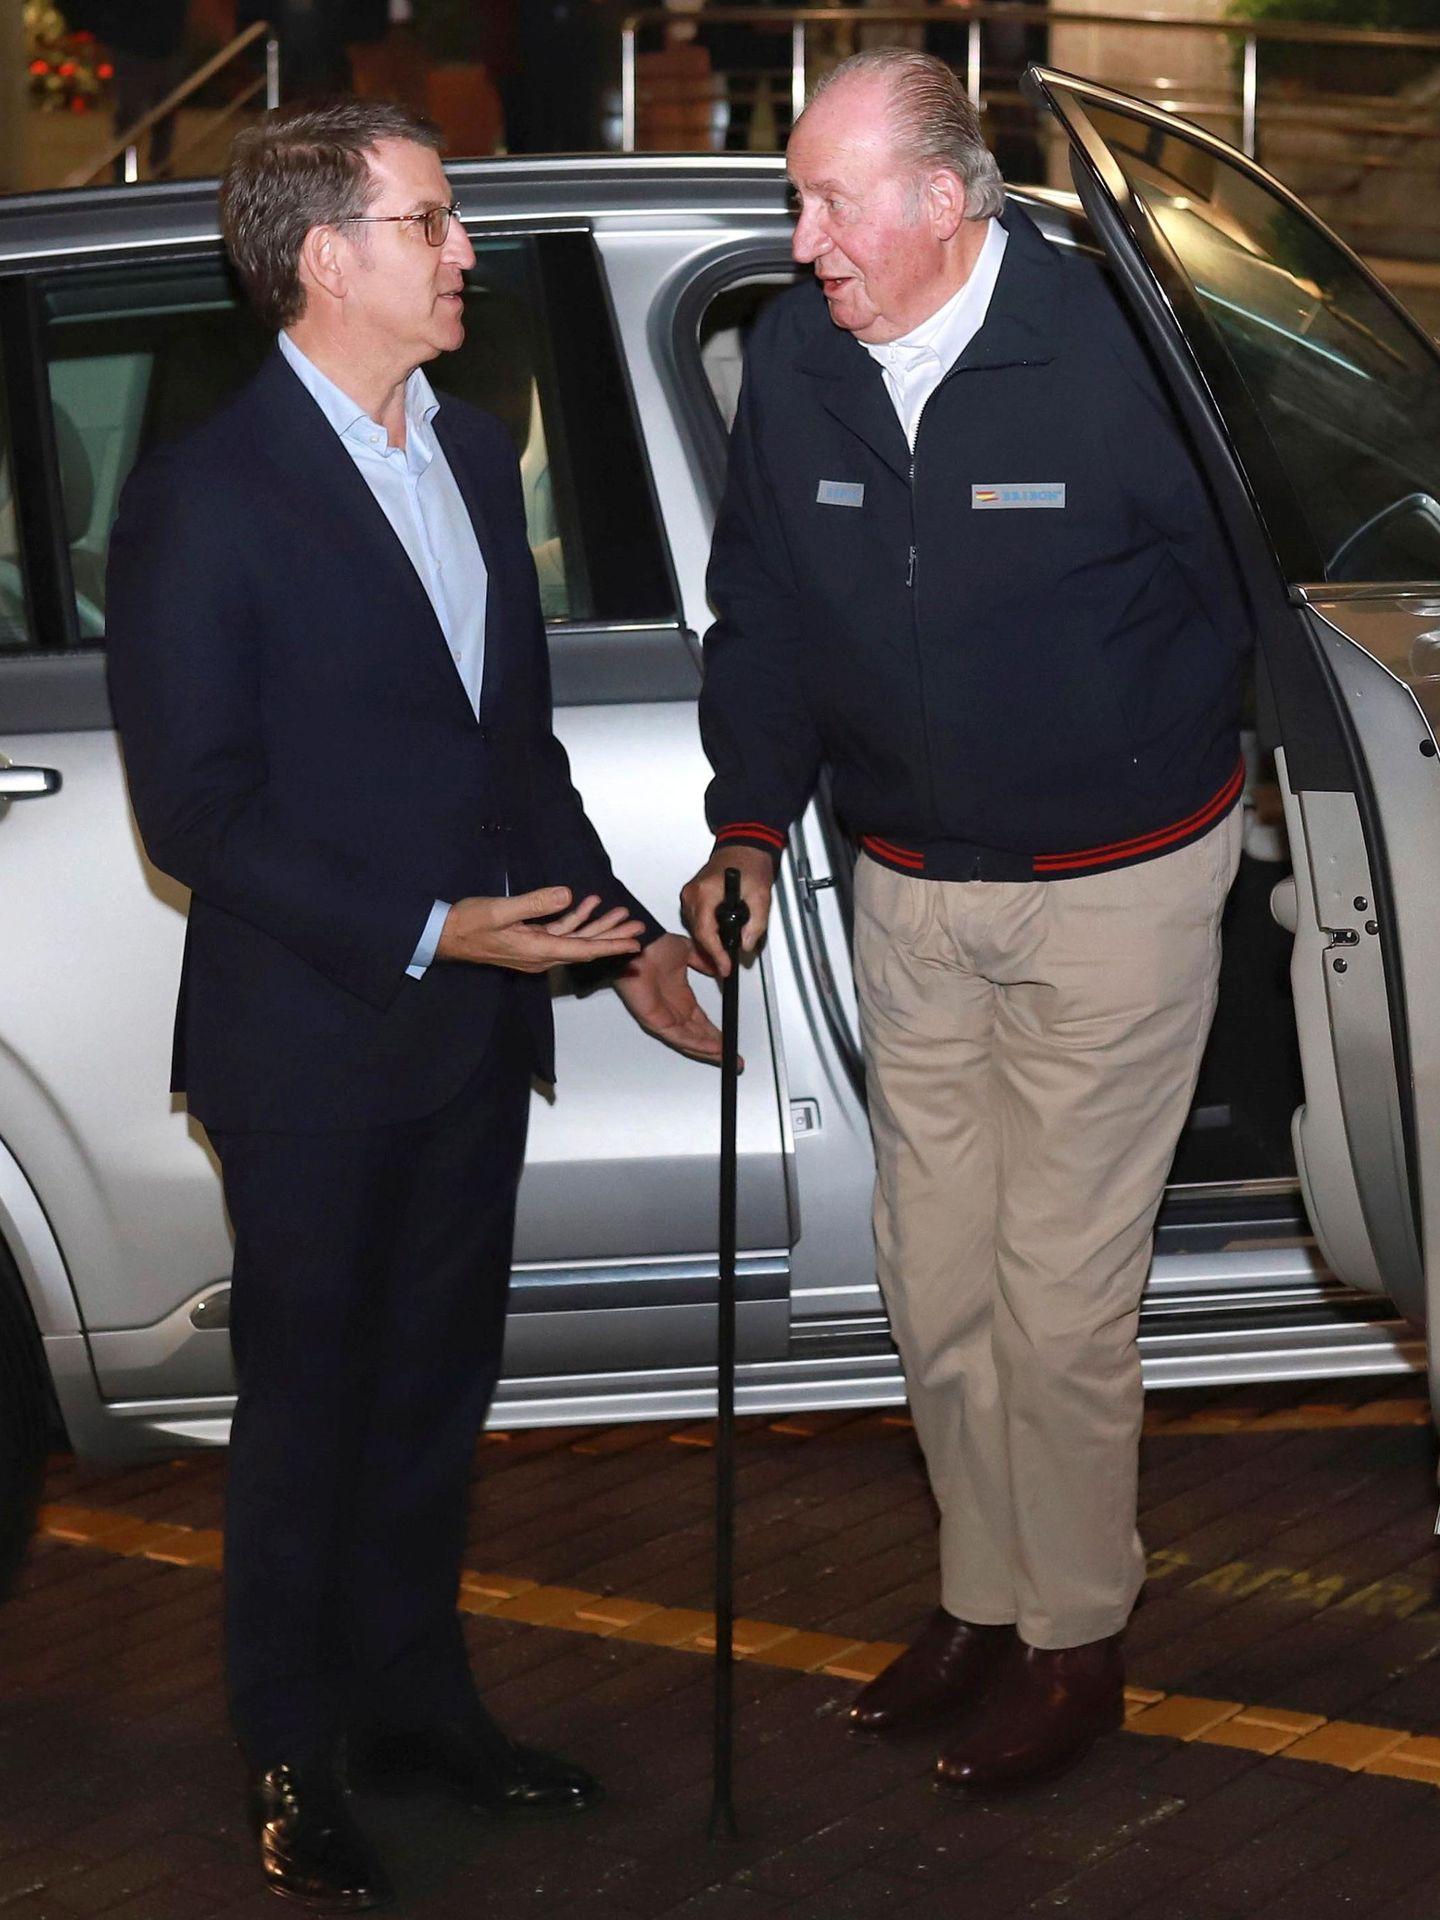 El rey Juan Carlos a su llegada a la cena con el presidente de la Xunta de Galicia, Alberto Núñez Feijóo, en Sanxenxo. (EFE)